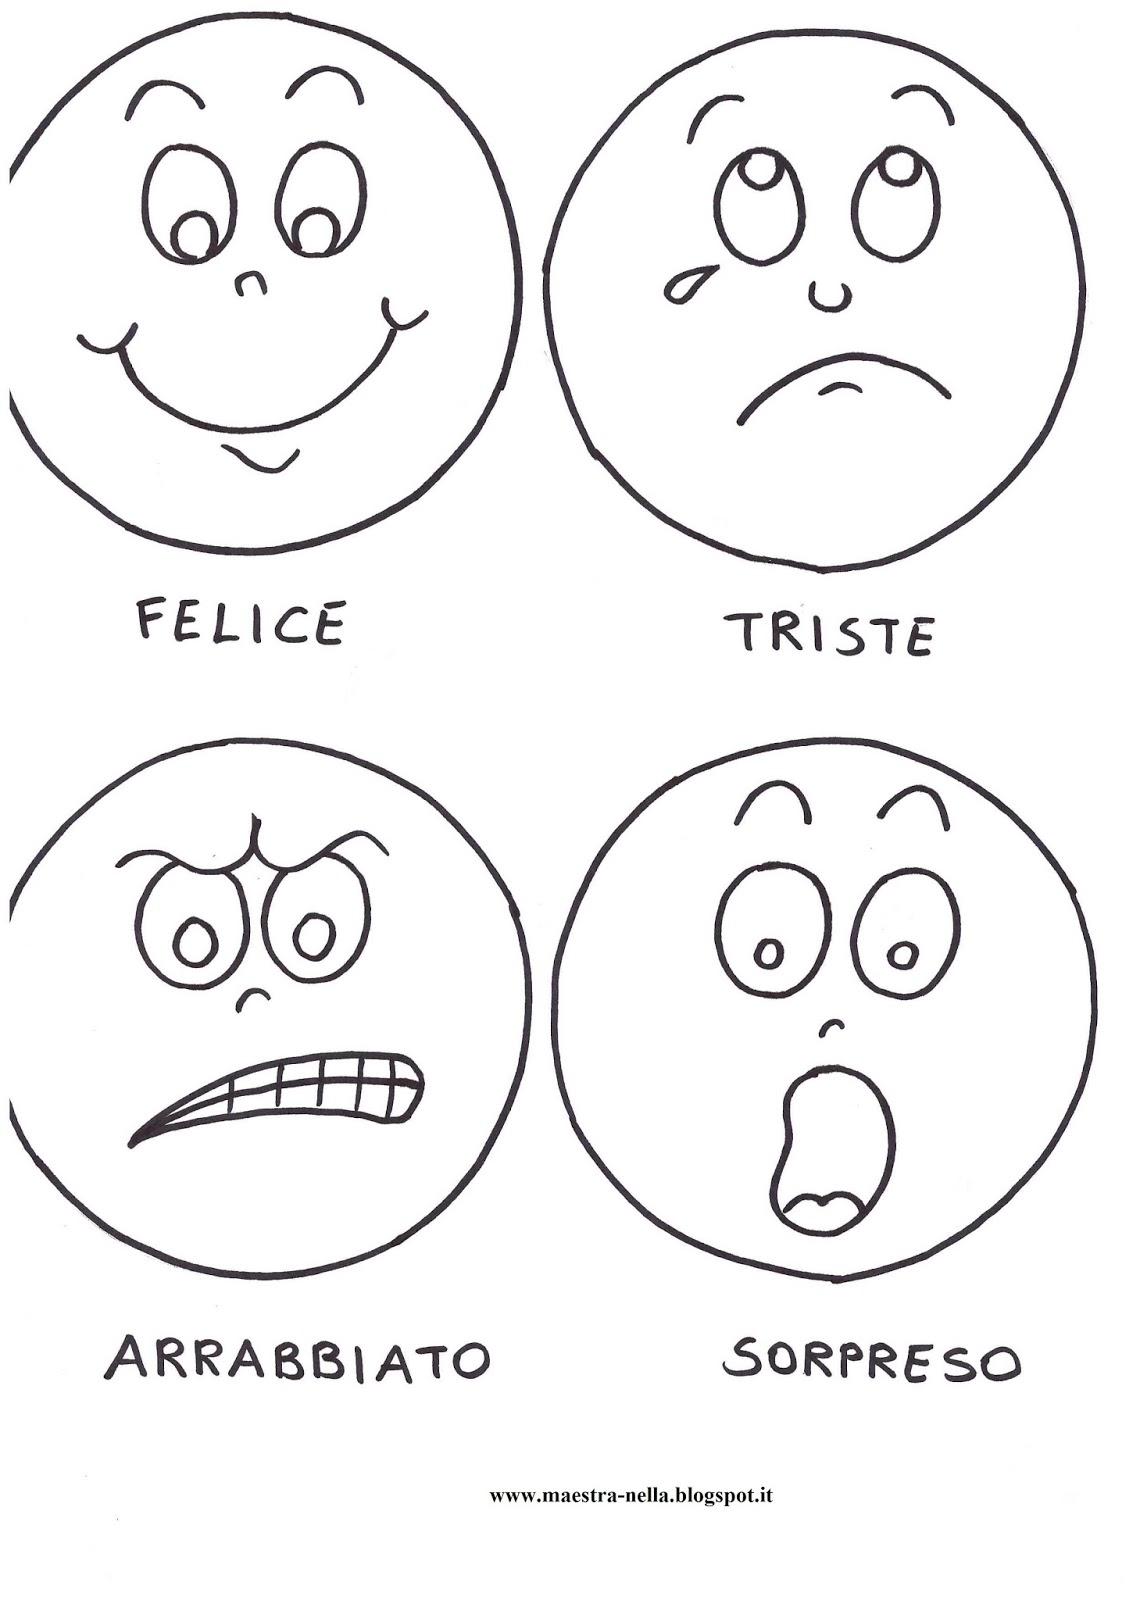 Estremamente maestra Nella: La paletta delle emozioni UL16